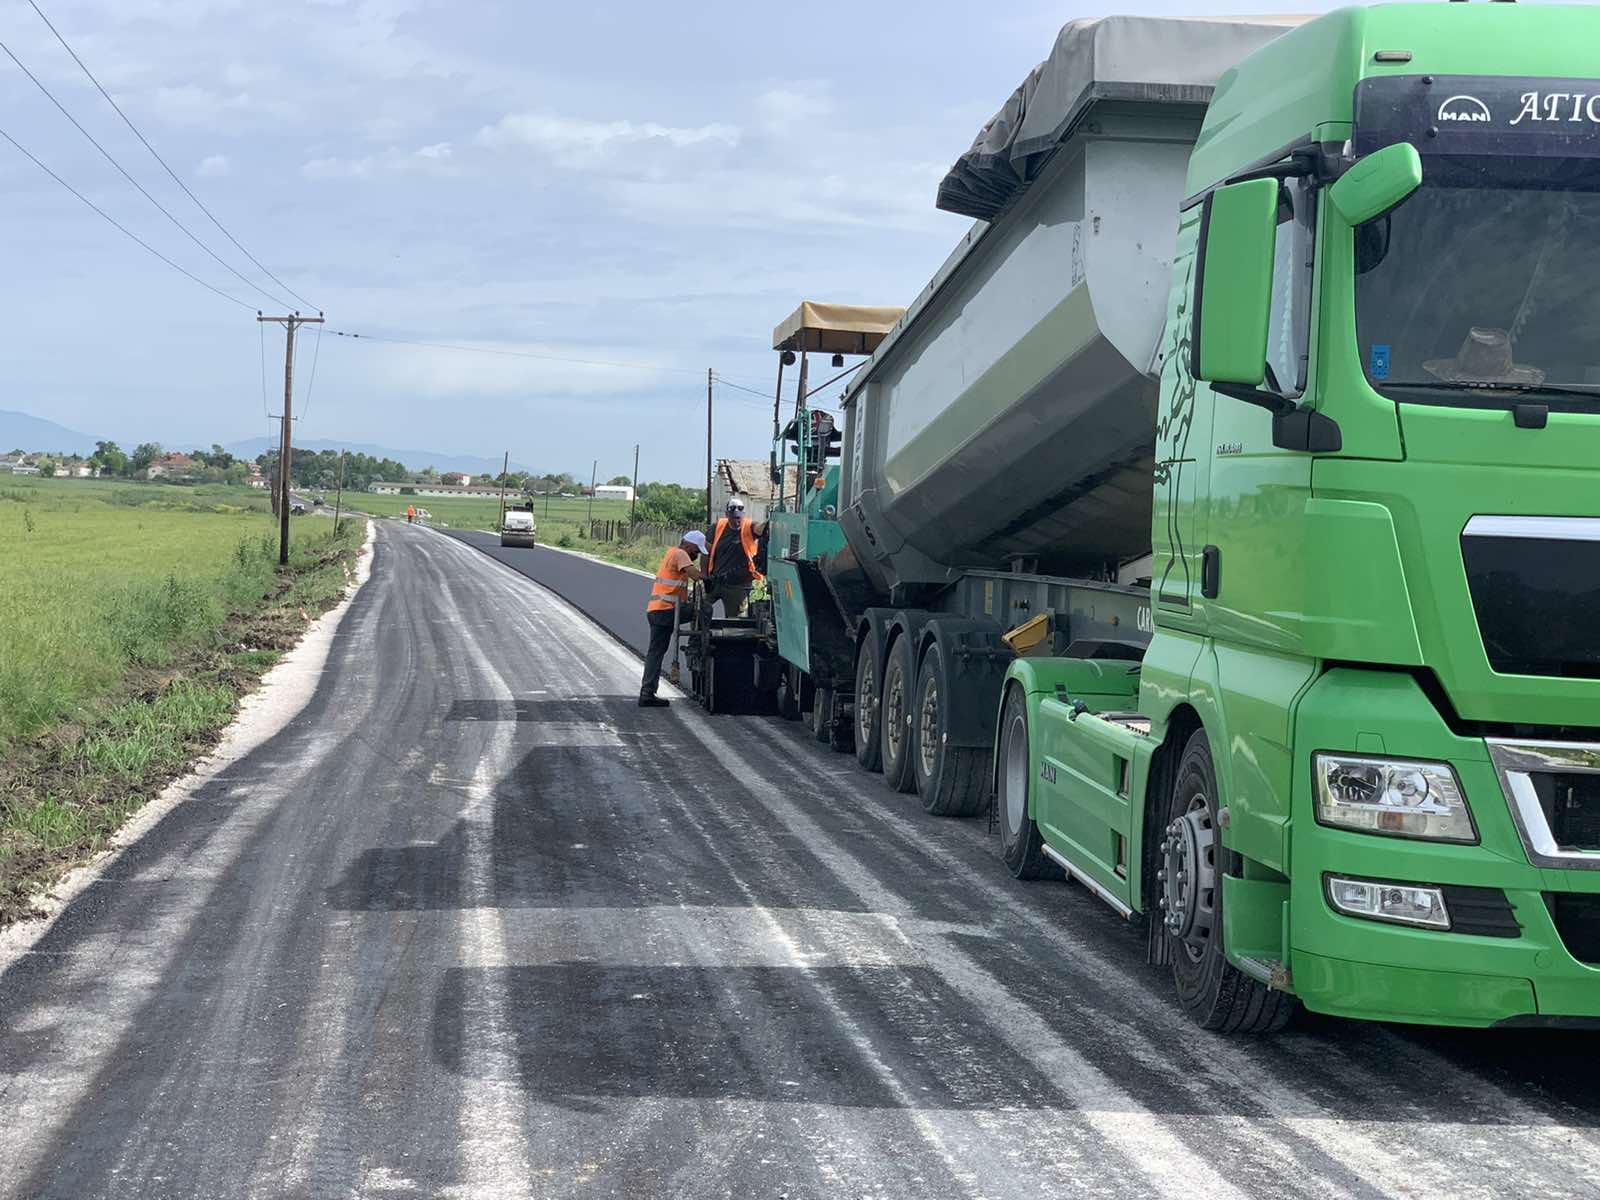 Ολοκληρώνονται από την Περιφέρεια Θεσσαλίας οι εργασίες ασφαλτόστρωσης του δρόμου Άγιοι Ανάργυροι - Άγιος Γεώργιος